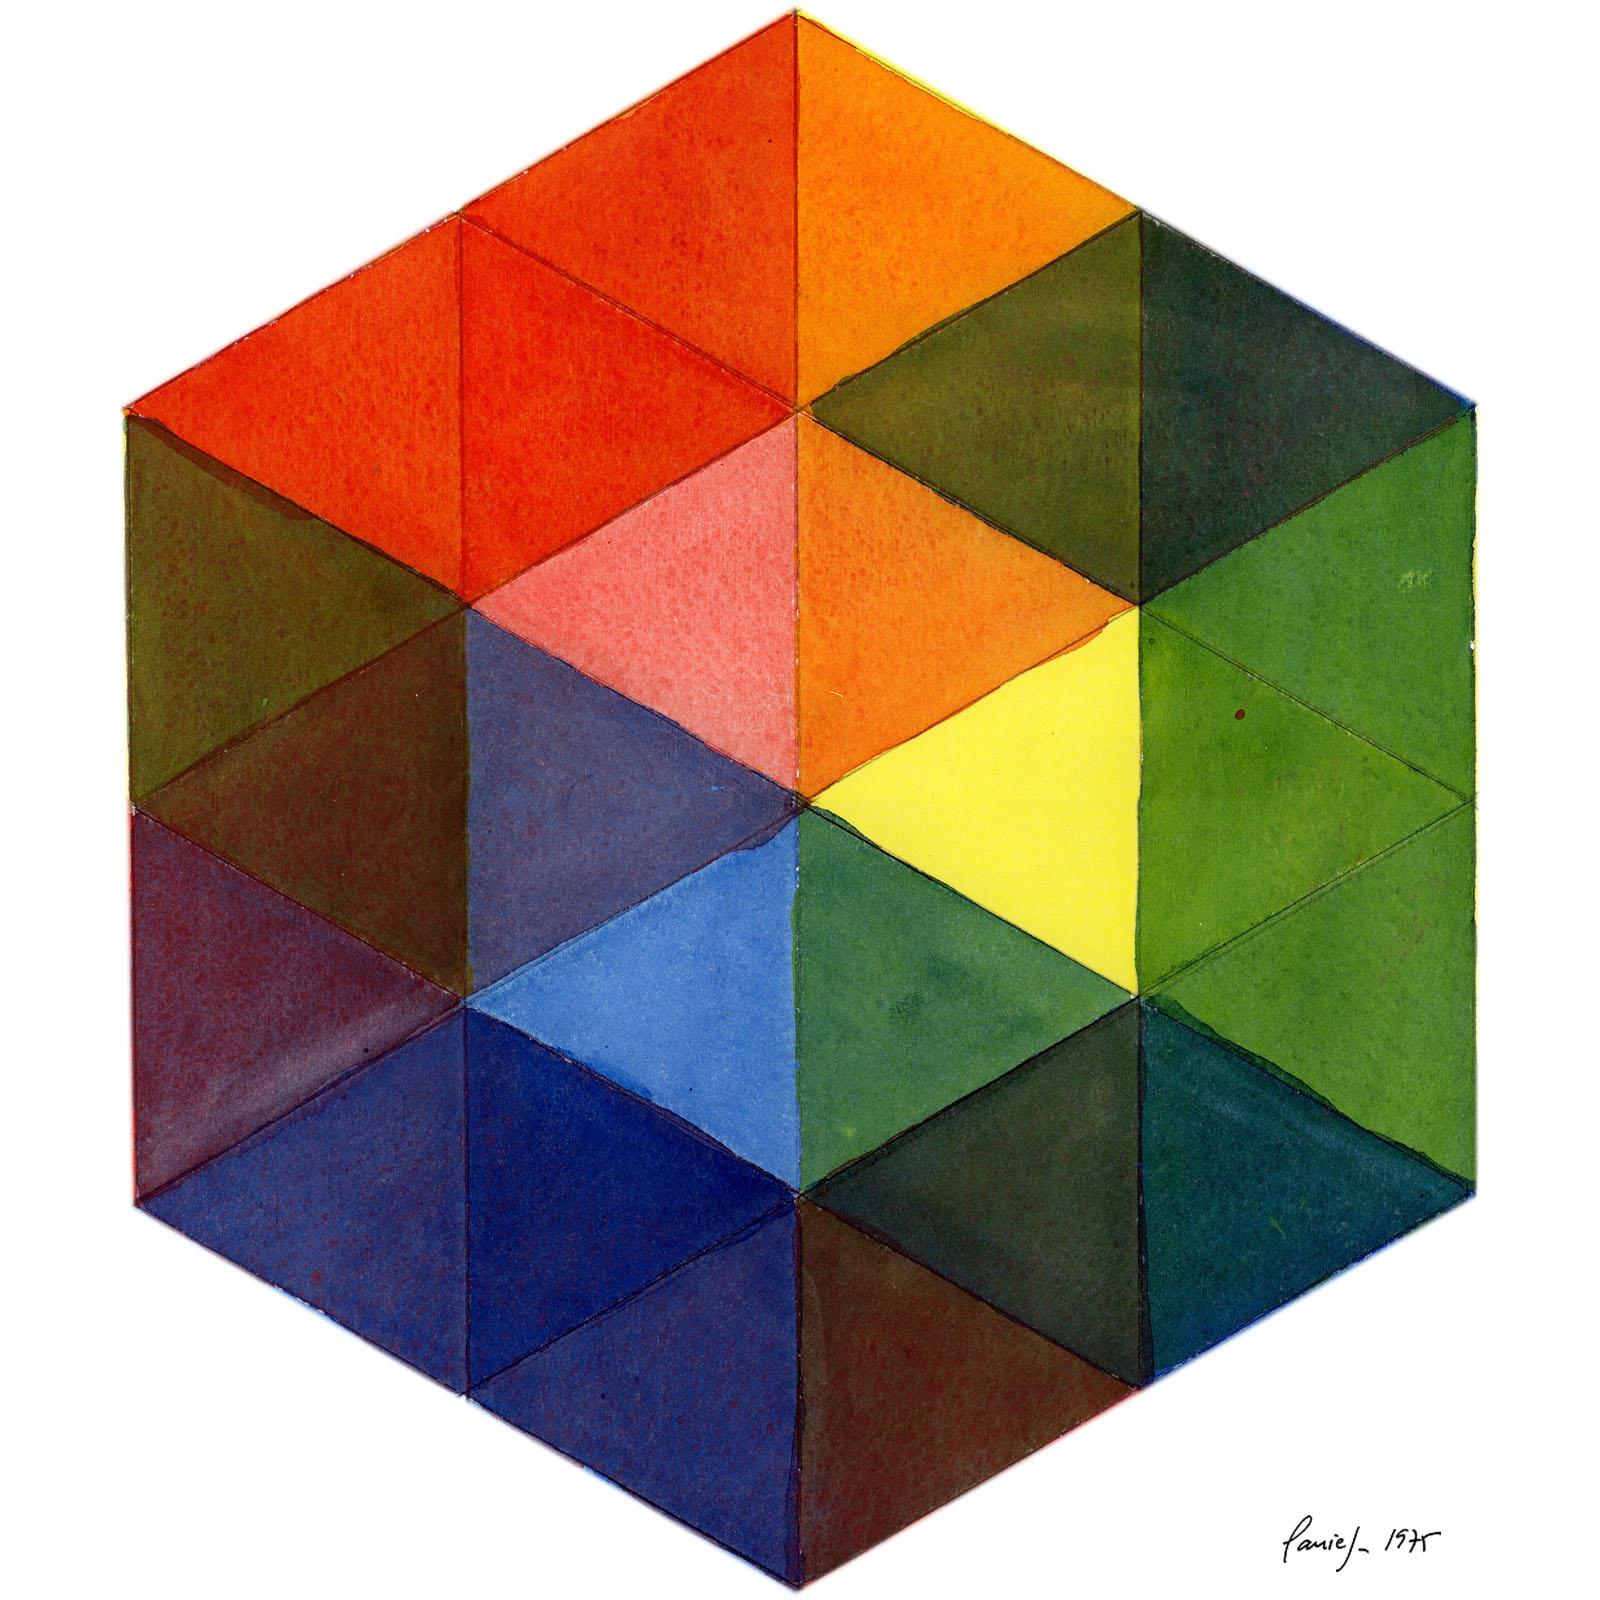 panies-danielvillalobos-painting-twentiethcentury-kinetic-art-2